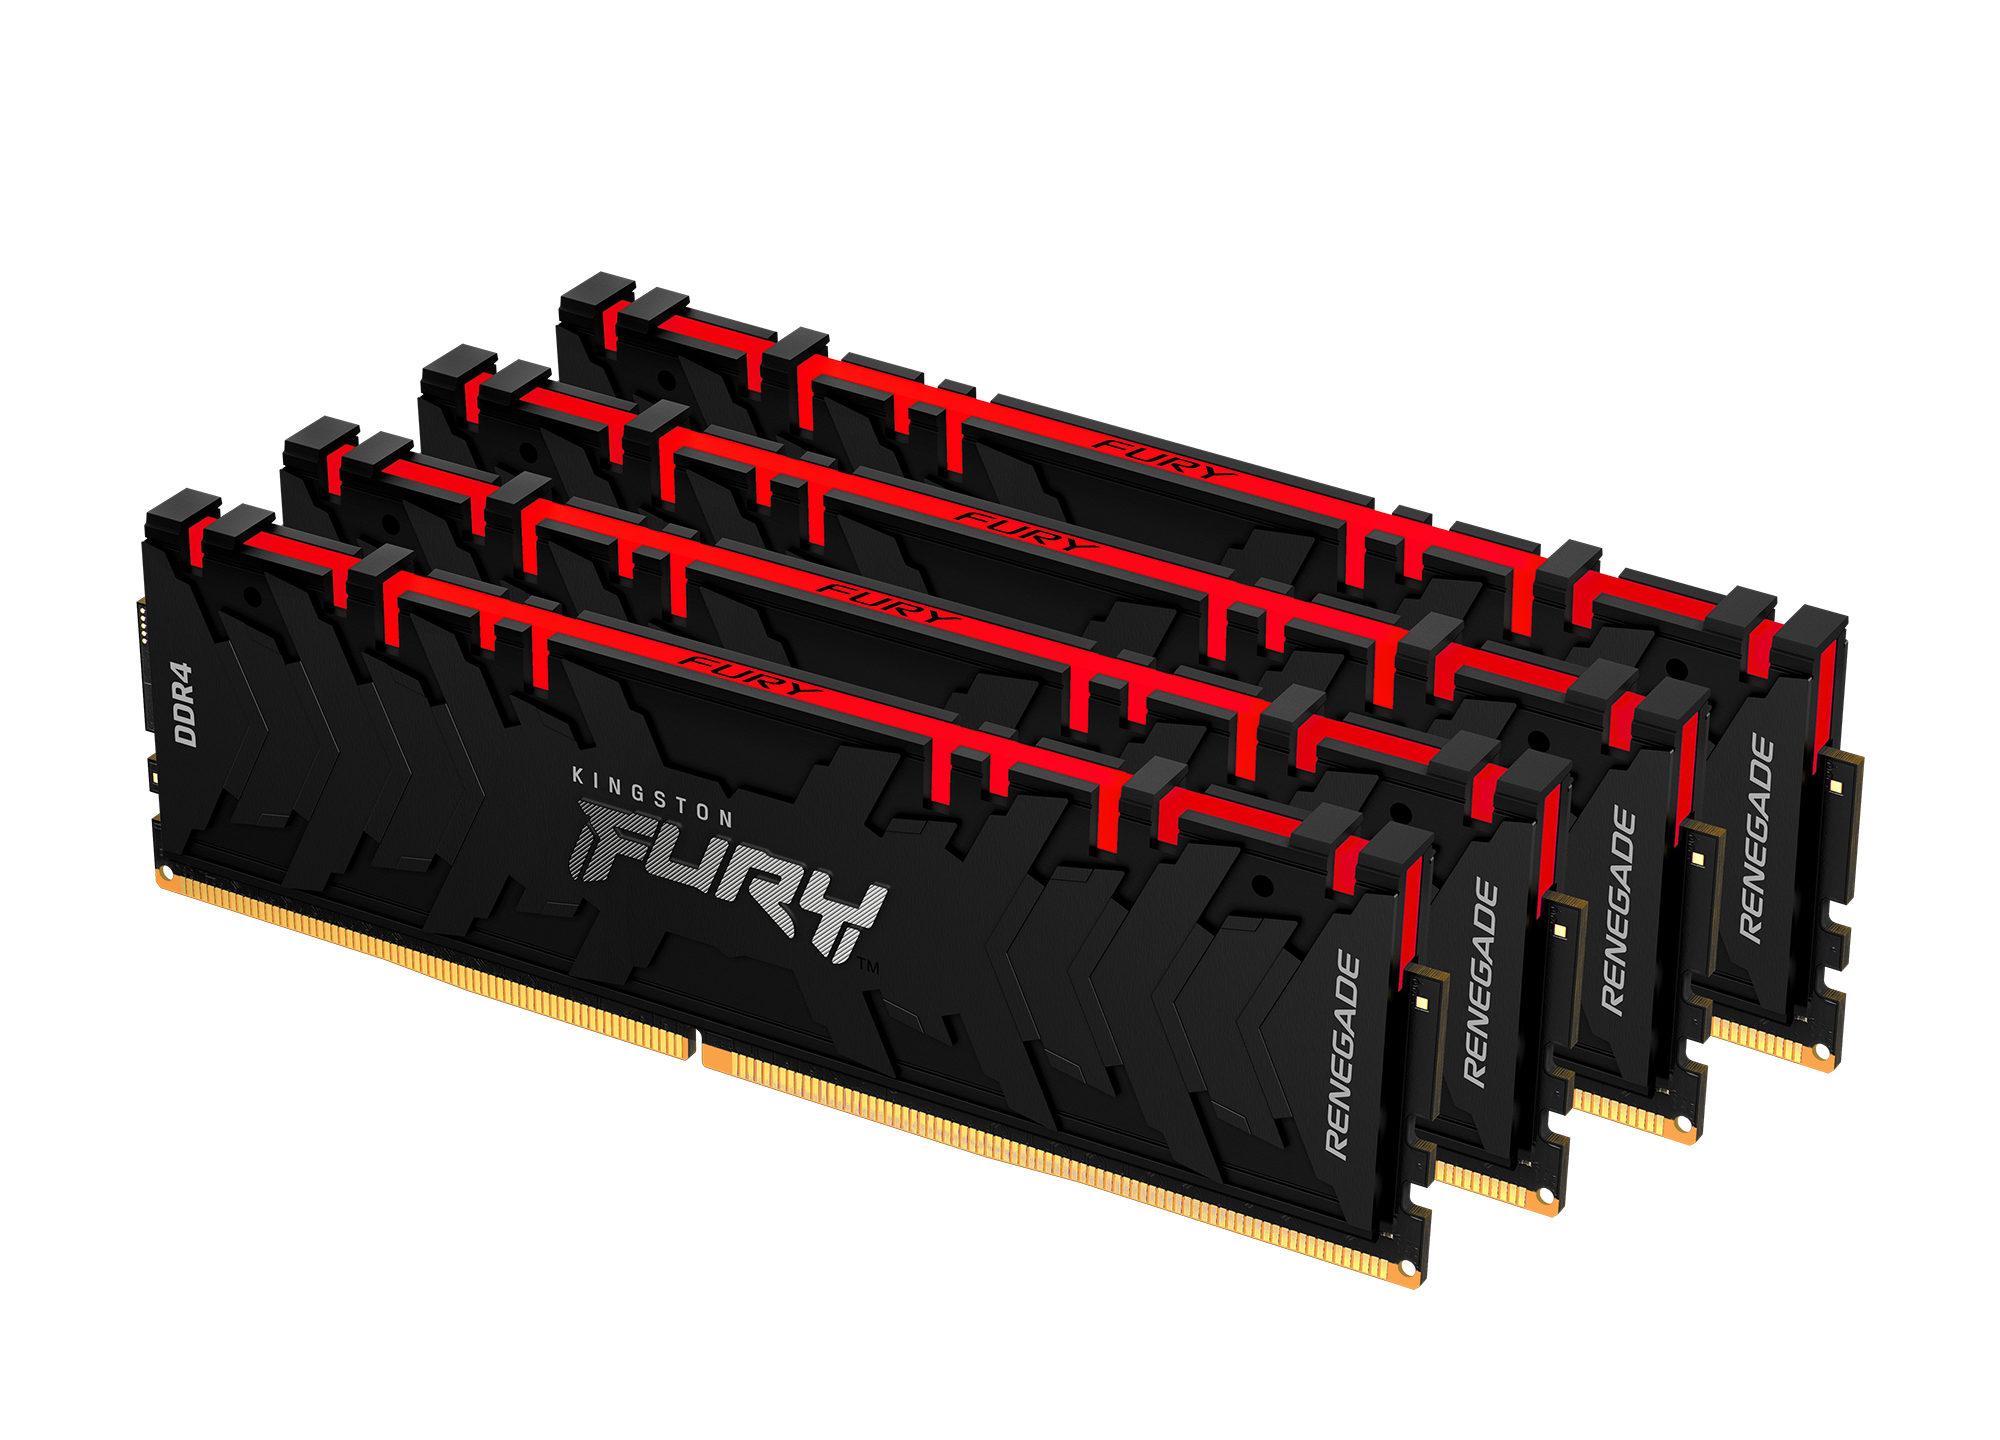 Kingston Technology przedstawia Kingston FURY ― nową markę pamięci o dużej wydajności dla pasjonatów i graczy